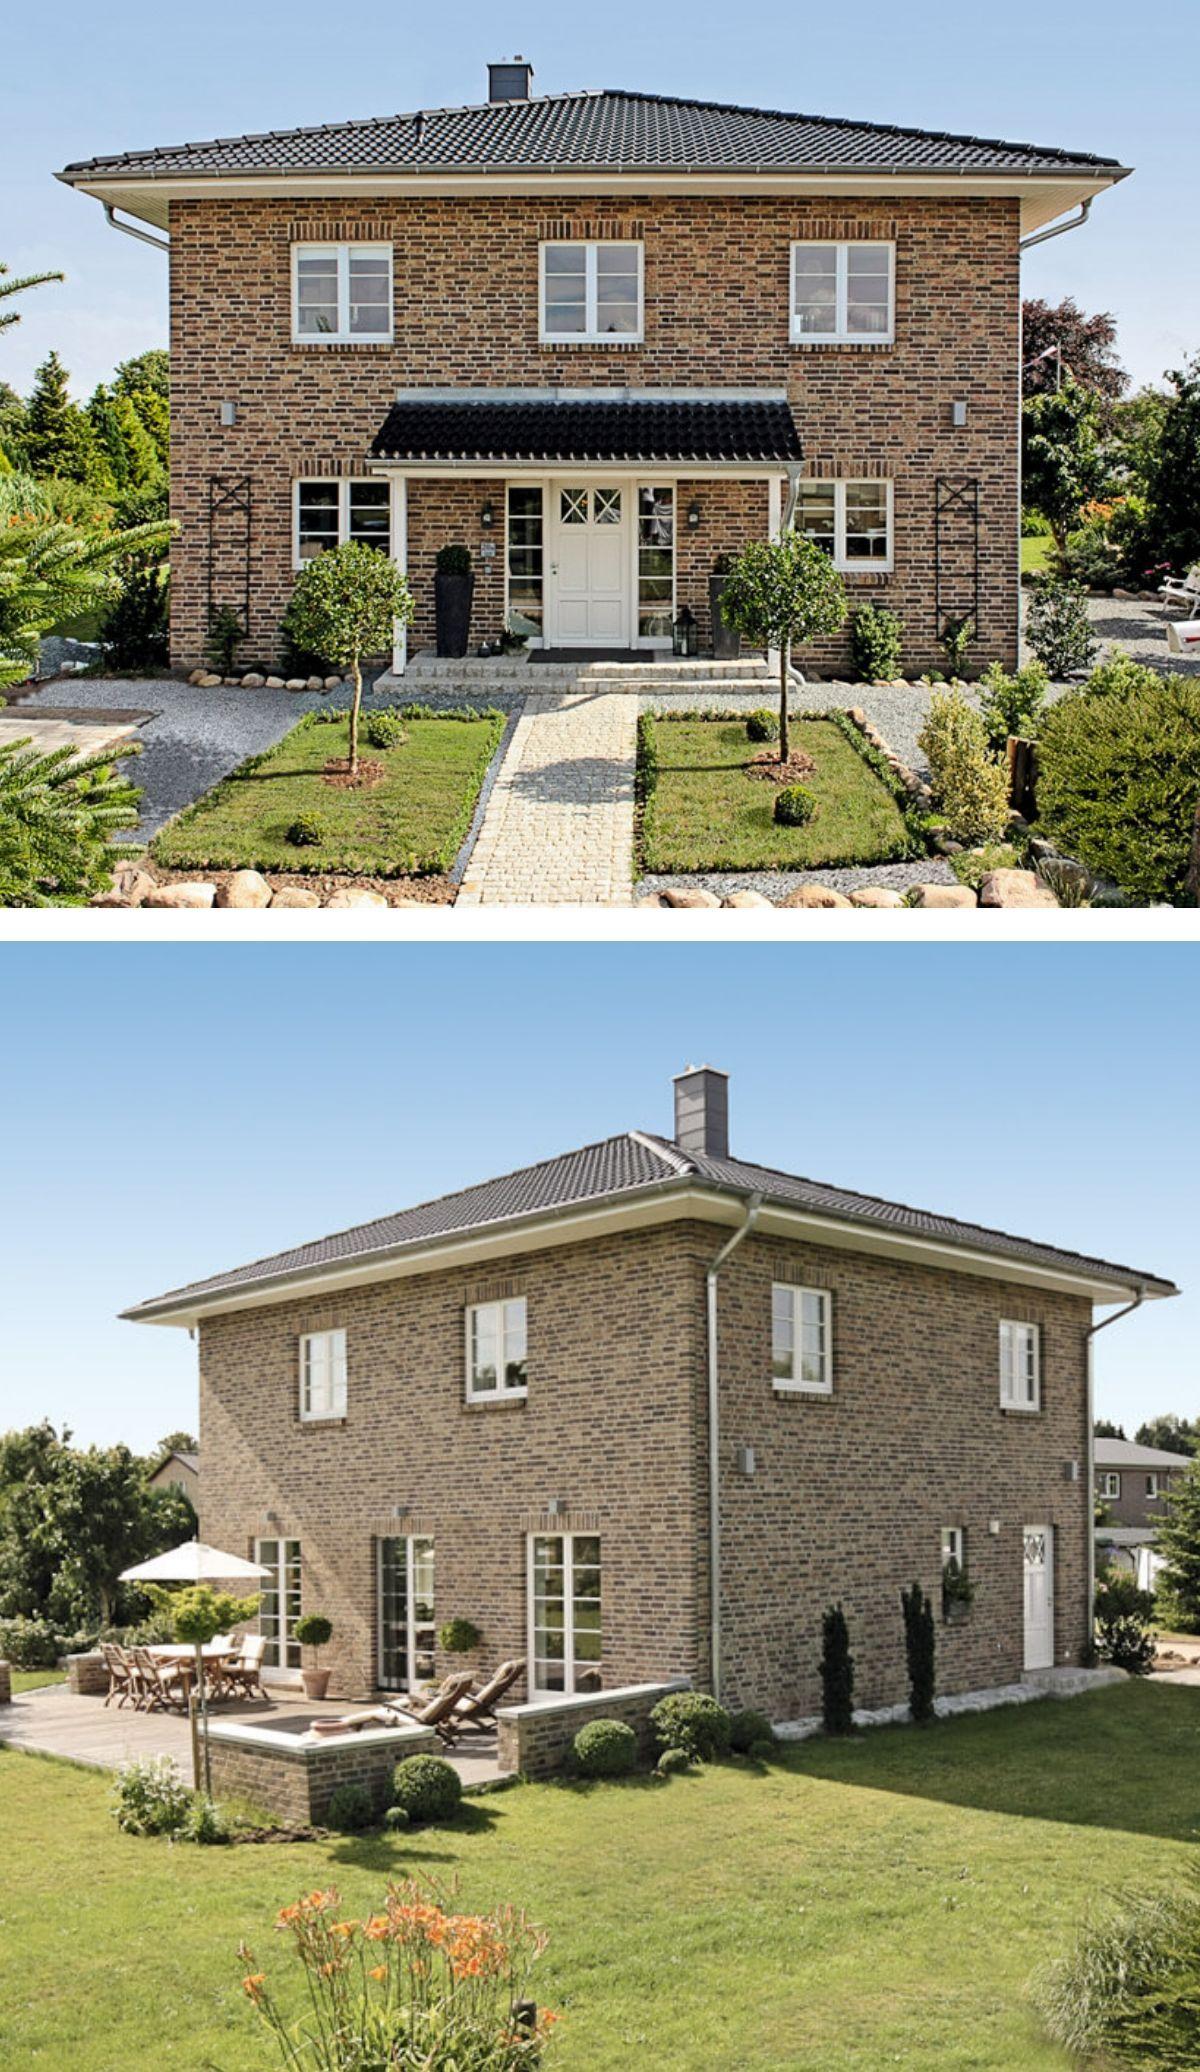 Moderne Landhaus Stadtvilla Mit Klinker Fassade Zeltdach